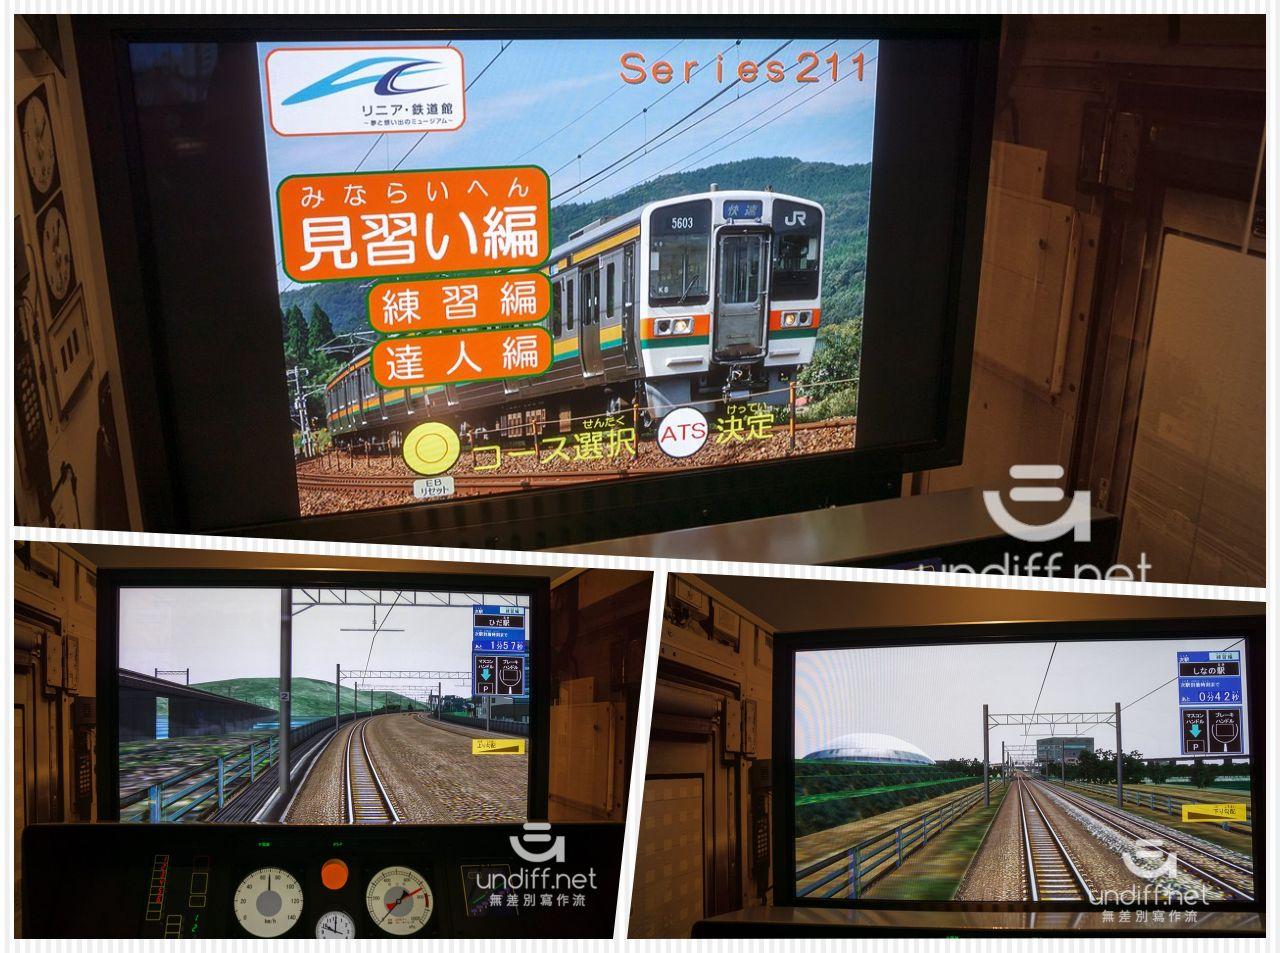 【名古屋景點】JR磁浮鐵道館 》體驗鐵道歷史與科技進步的軌跡 74